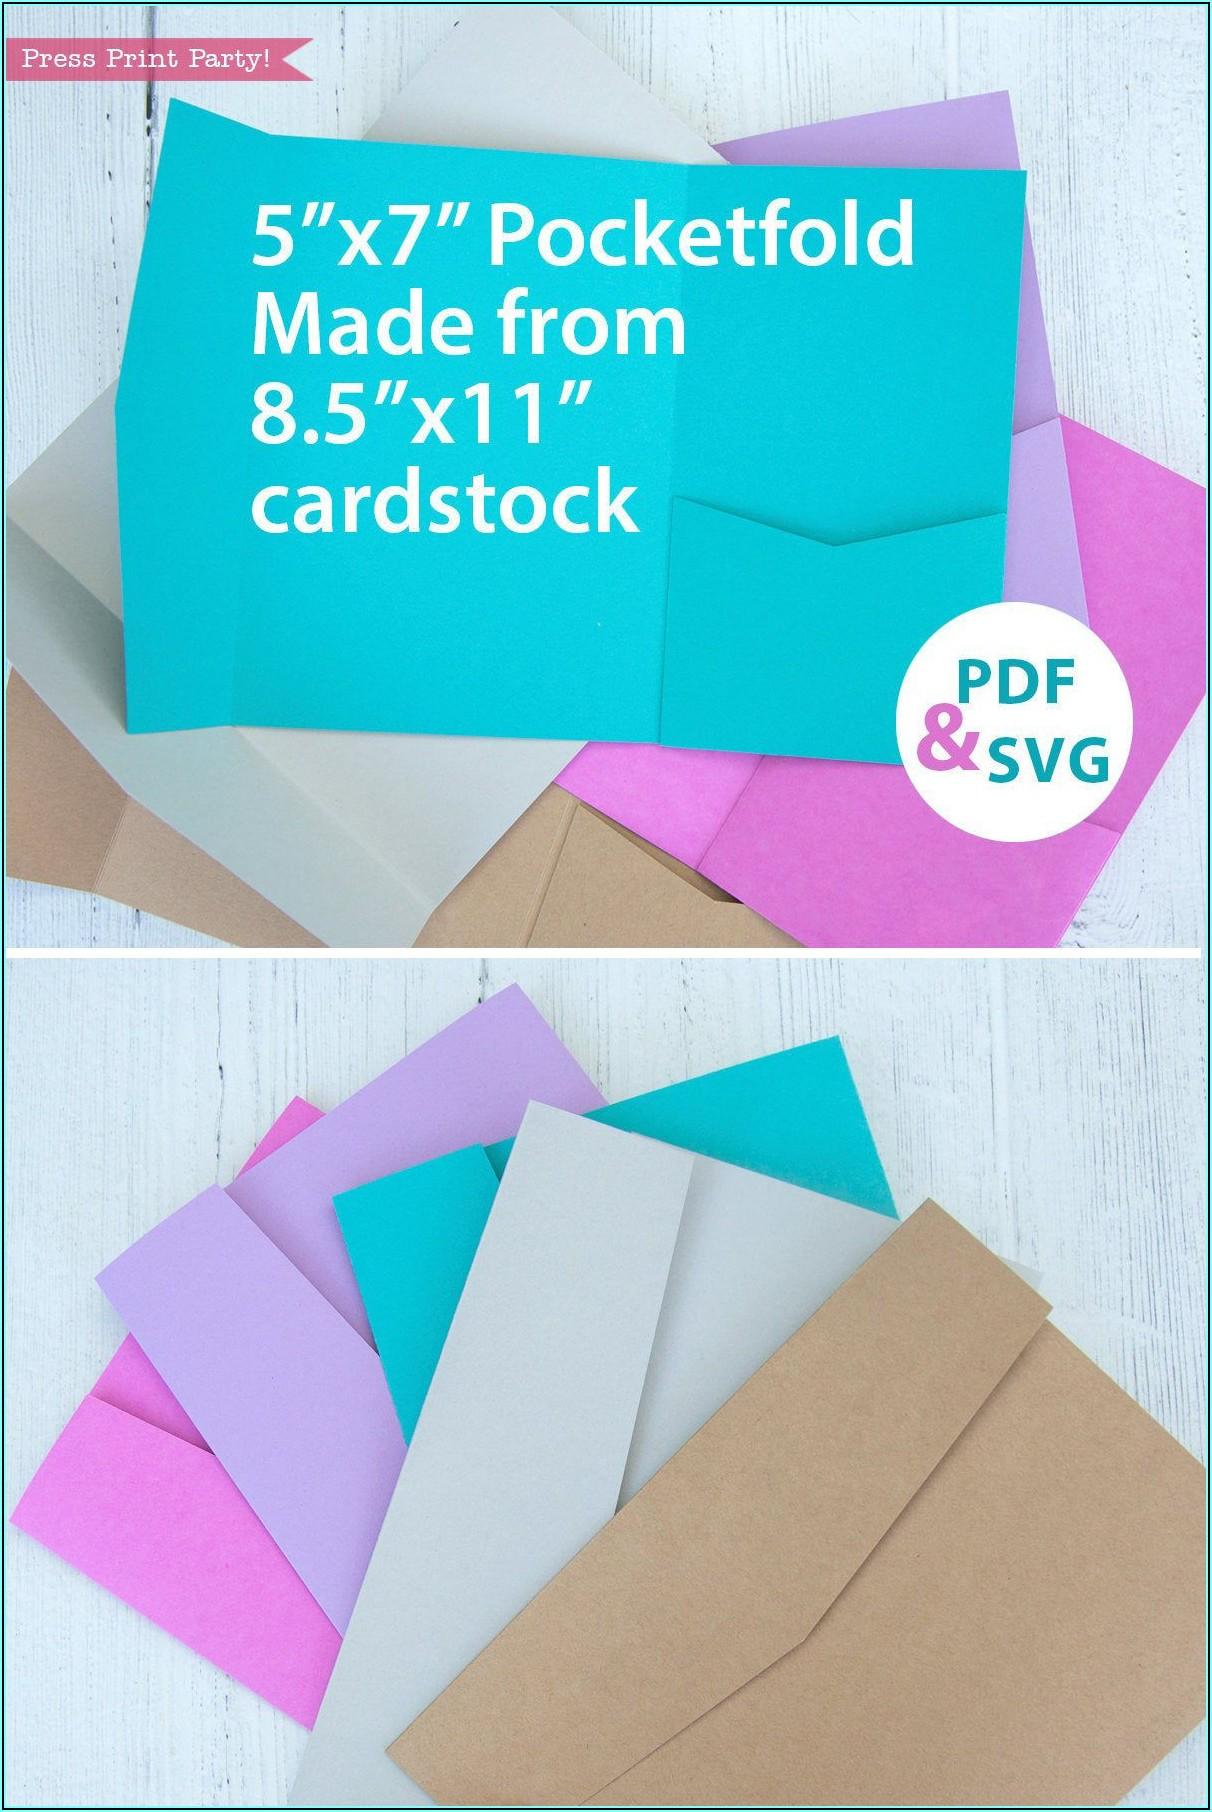 Printable Pocket Invitation Template